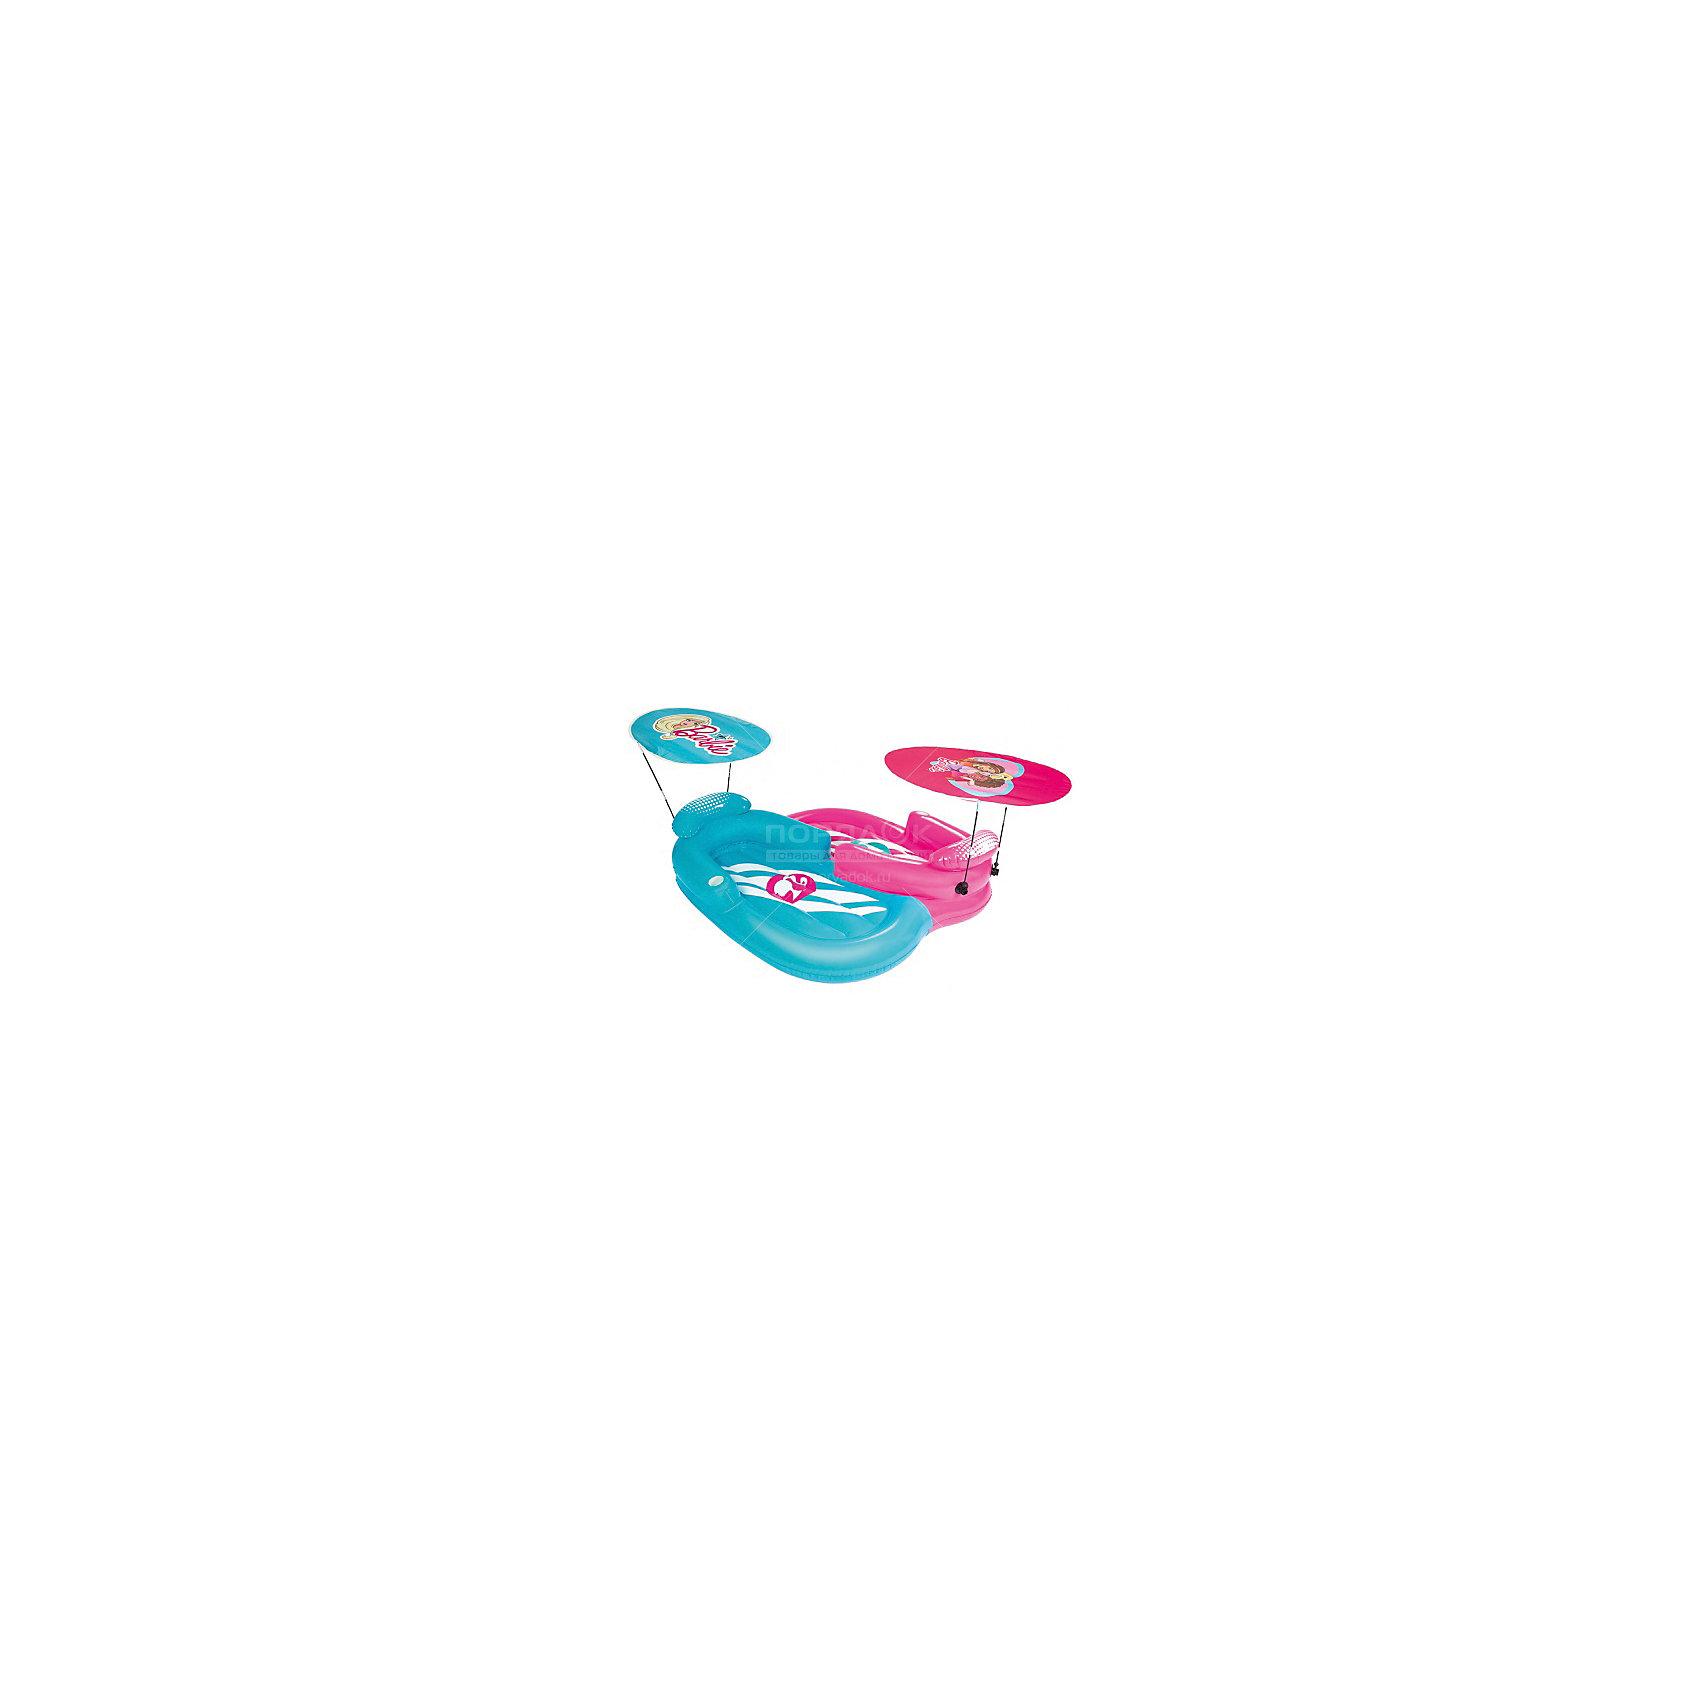 Надувной шезлонг 2-местный для отдыха на воде с навесами от солнца, Barbie, BestwayМатрасы и лодки<br>Надувной шезлонг 2-местный для отдыха на воде с навесами от солнца, Barbie, Bestway (Бествей)<br><br>Характеристики:<br><br>• тенты от солнца в комплекте<br>• привлекательный дизайн в стиле Барби<br>• материал: ПВХ<br>• размер: 178х170 см<br>• вес: 7,2 кг<br><br>Надувной шезлонг Bestway подарит детям много радостных эмоций в летний день. Шезлонг предназначен для катаниях двоих детей. В комплект входят навесы, защищающие от солнца. Шезлонг выполнен из прочного поливинилхлорида. Яркий дизайн в стиле полюбившихся Барби всегда будет радовать вас своей красотой!<br><br>Надувной шезлонг 2-местный для отдыха на воде с навесами от солнца, Barbie, Bestway (Бествей) можно купить в нашем интернет-магазине.<br><br>Ширина мм: 425<br>Глубина мм: 420<br>Высота мм: 415<br>Вес г: 7160<br>Возраст от месяцев: 48<br>Возраст до месяцев: 120<br>Пол: Женский<br>Возраст: Детский<br>SKU: 5486973